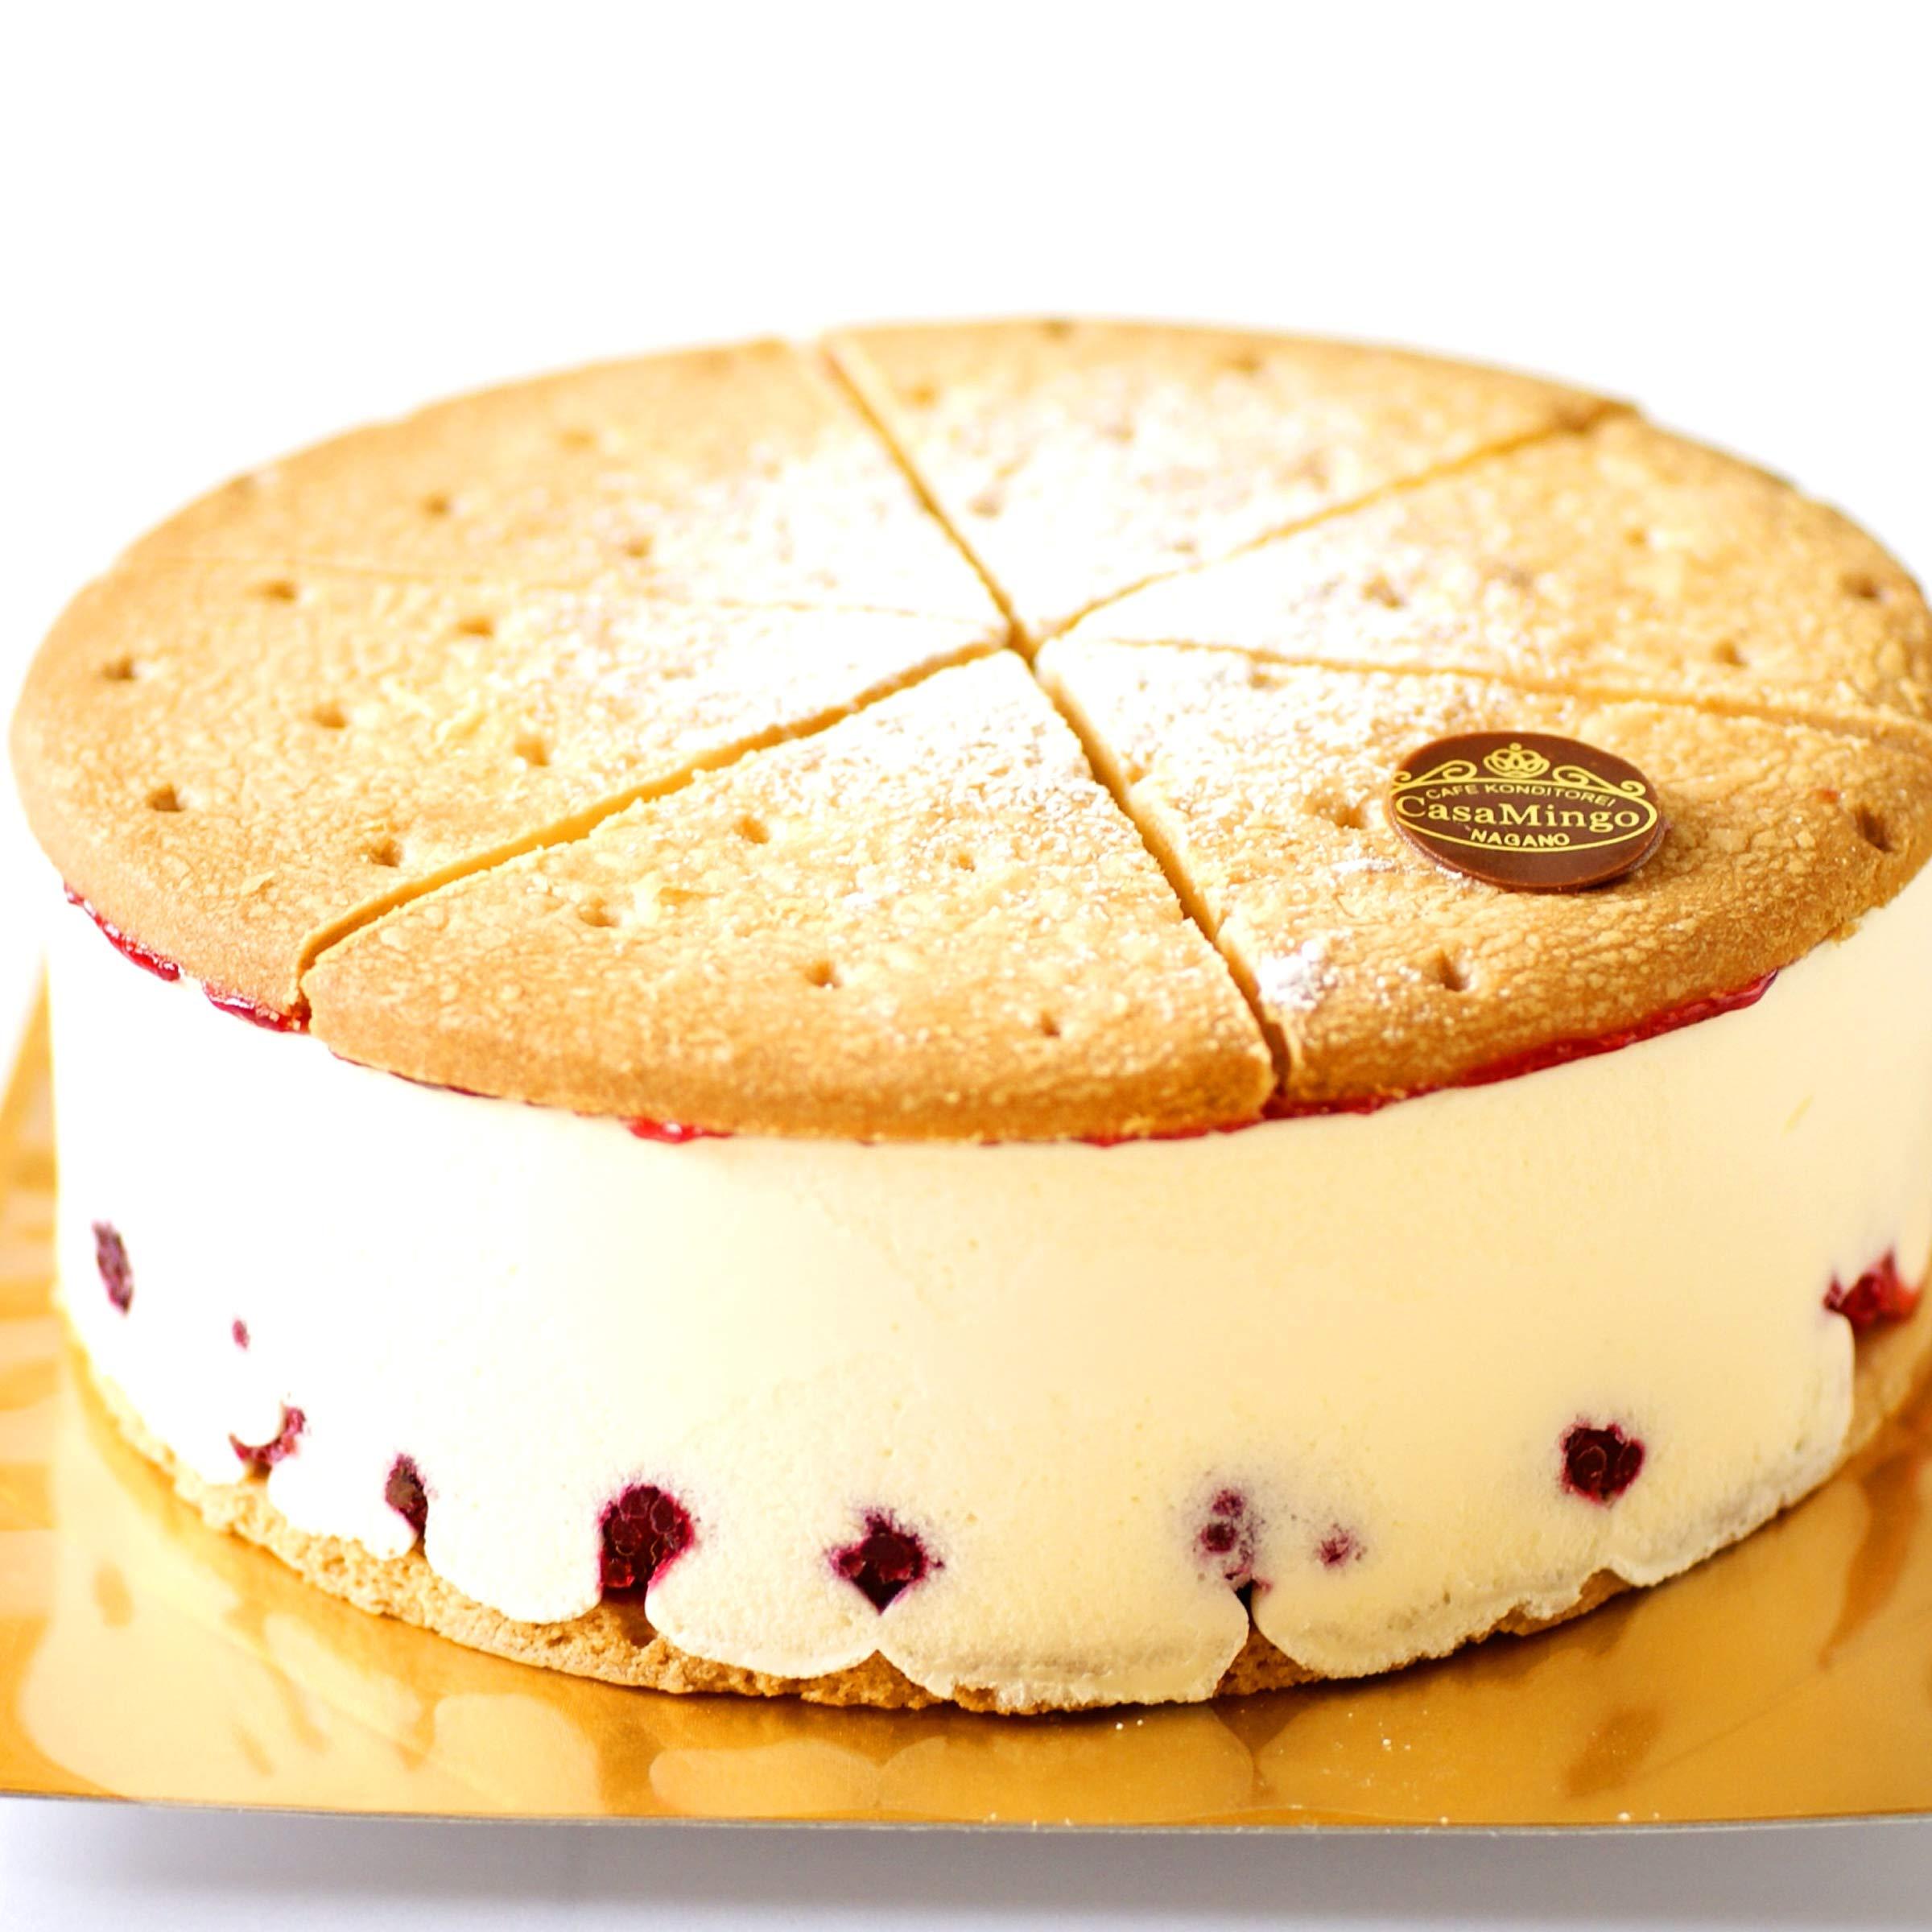 ケーキ Ipad壁紙 ケーゼザーネトルテ レアチーズケーキ その他 スマホ用画像